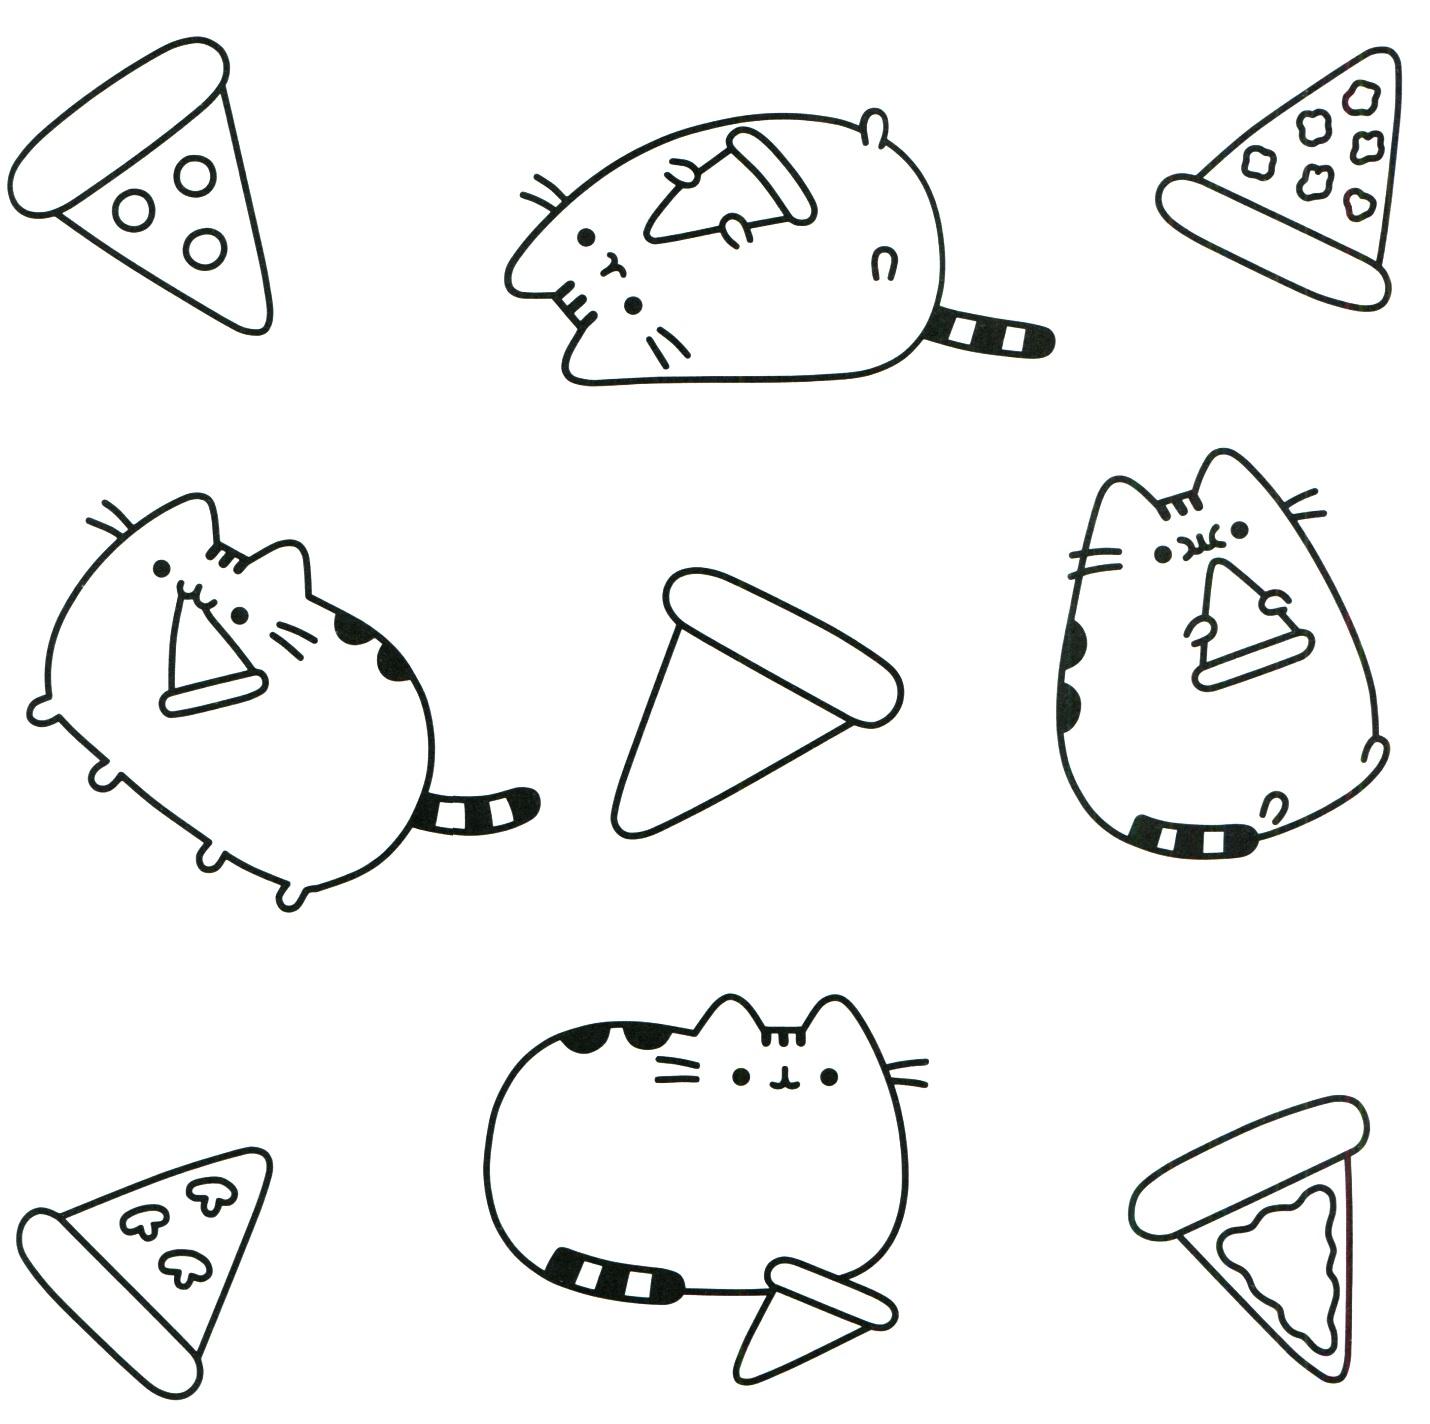 ризенер картинки котика пушина распечатать будут представлены виды